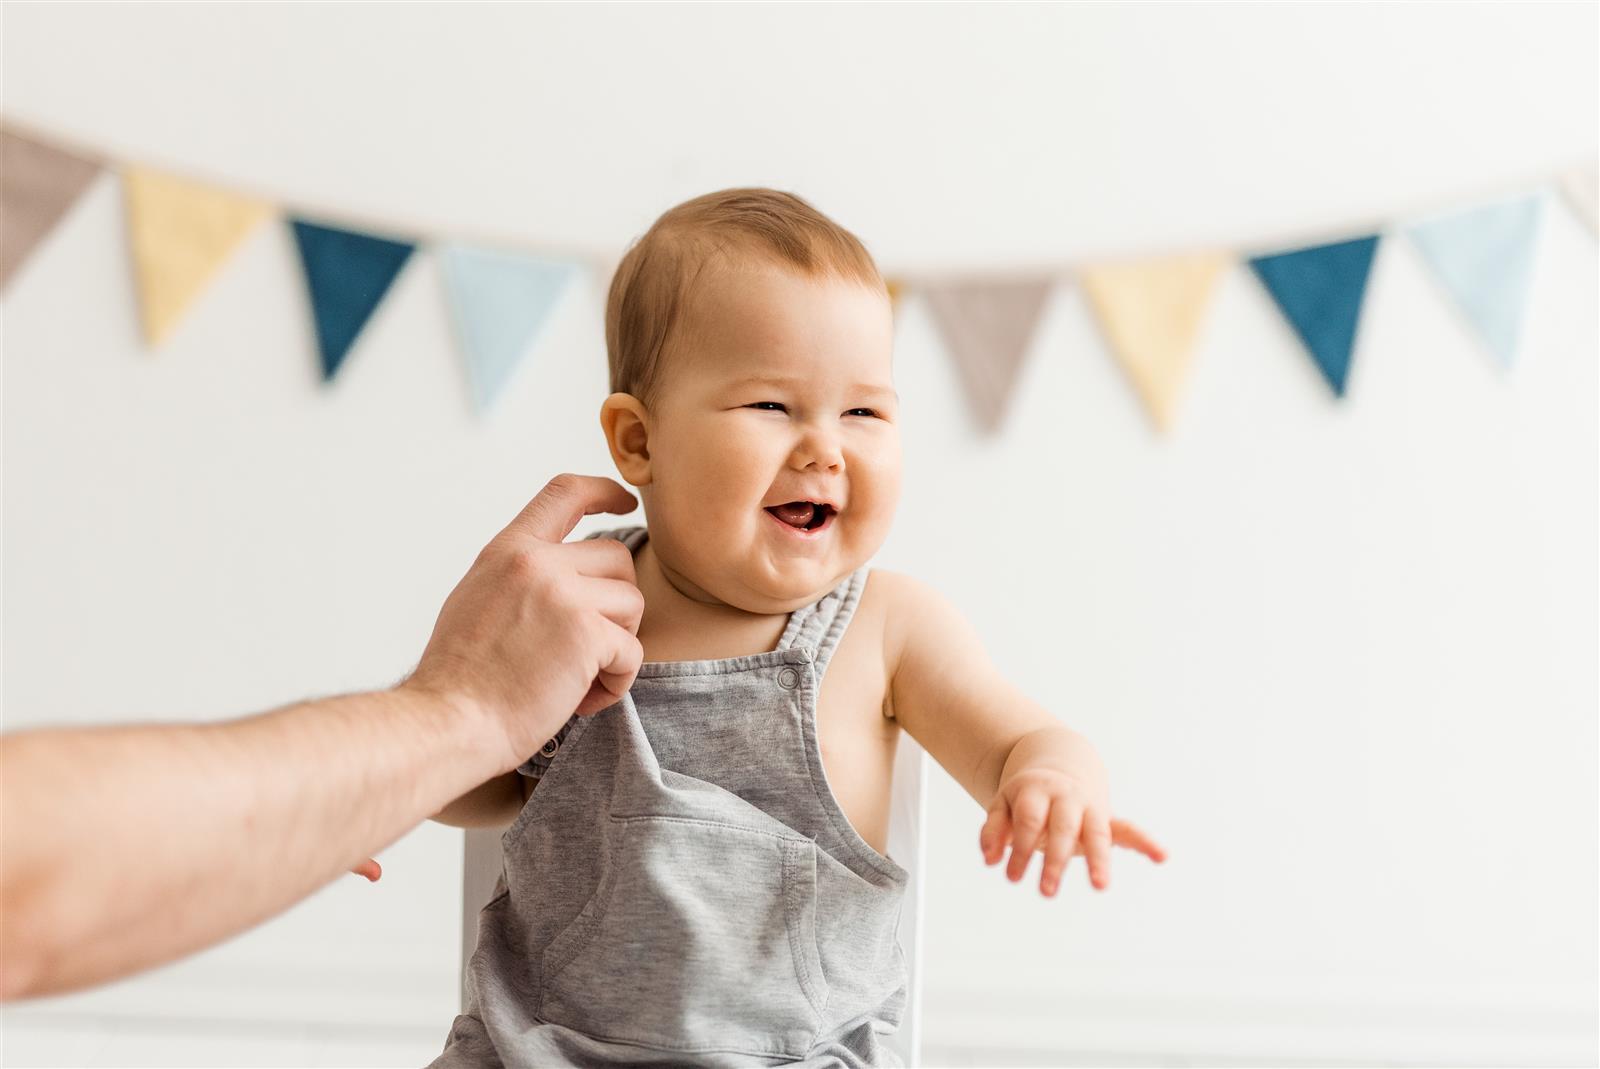 Fotografiranje za prvi rojstni dan, darilo za rojstni dan, darilo za dojenčka, darilo za 1 rojstni dan  1 druzinsko fotografiranje druzin 4